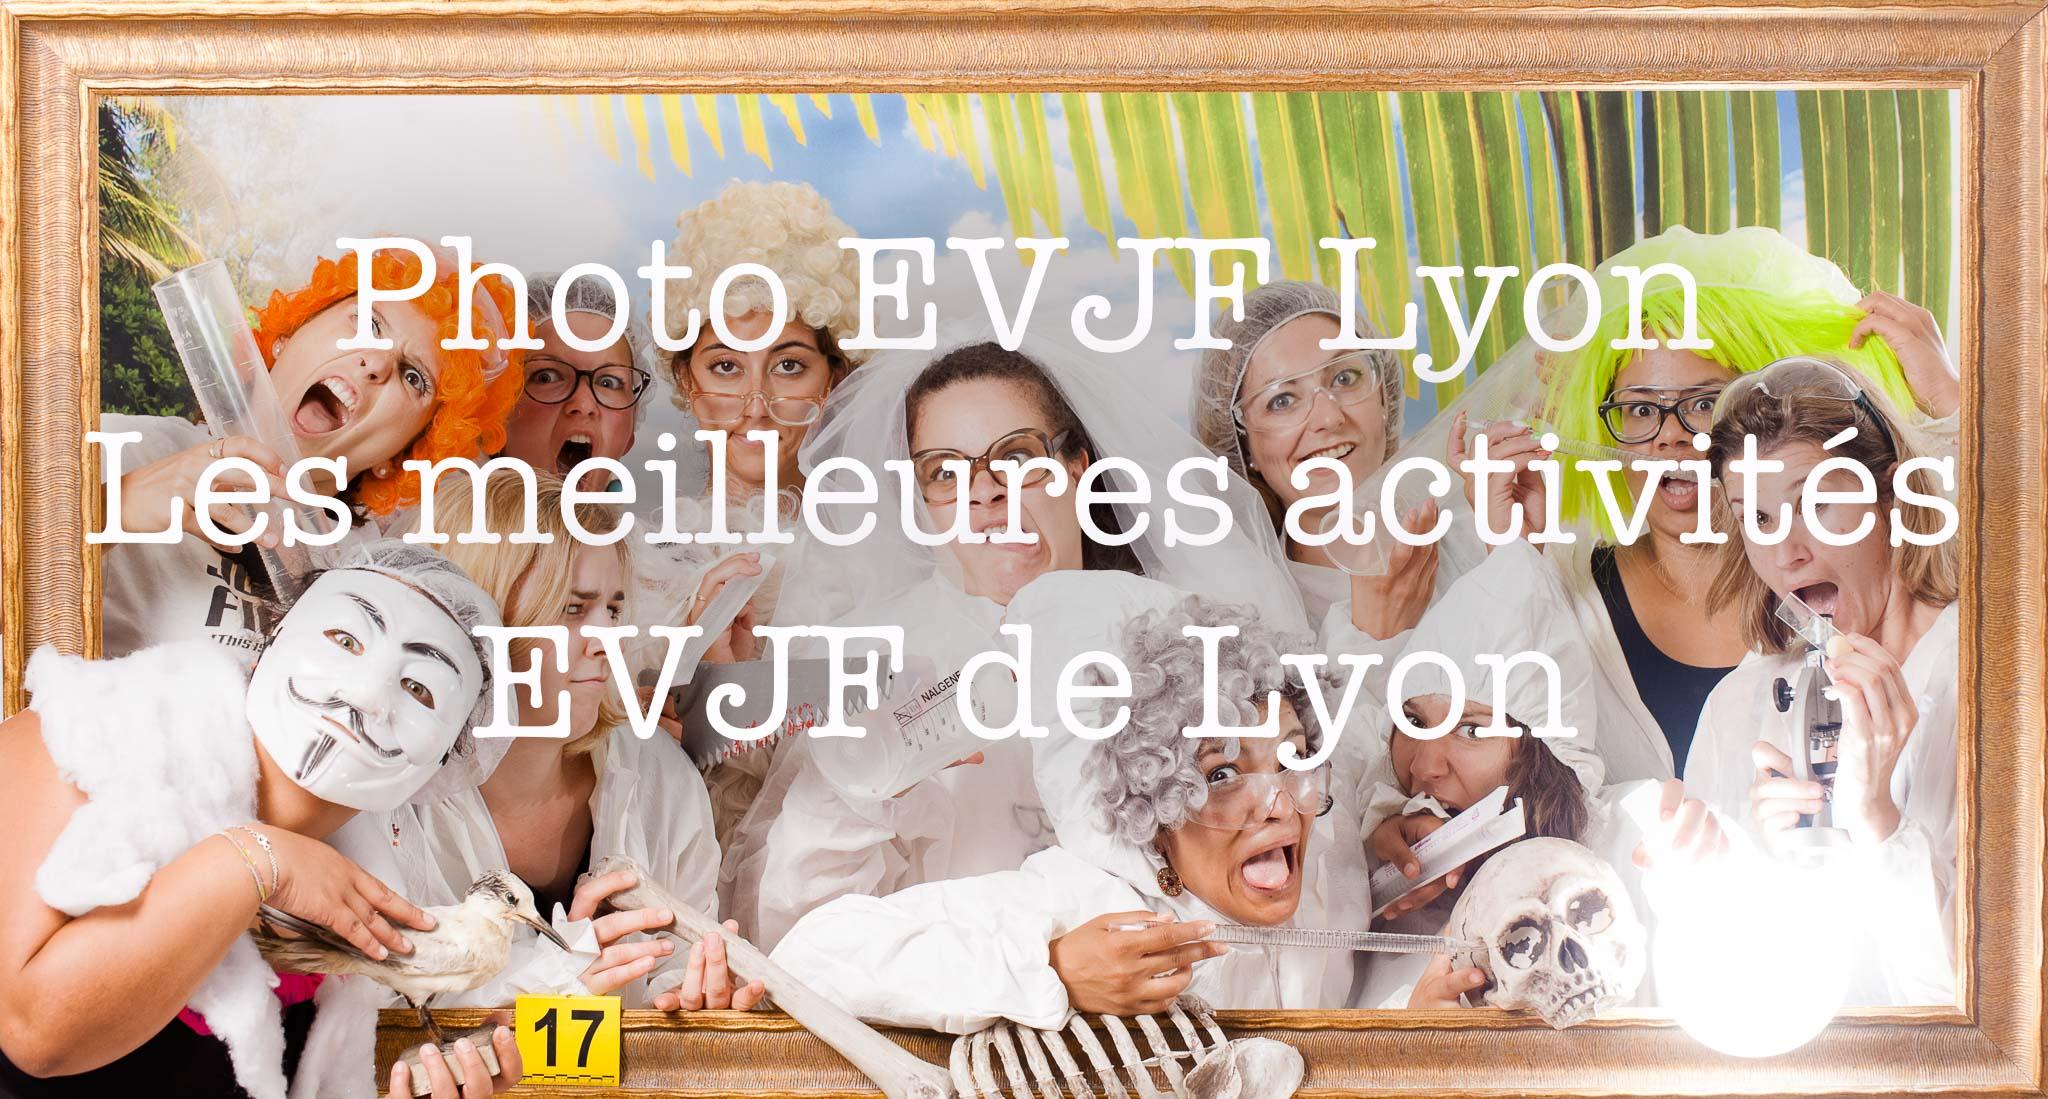 Photo EVJF Lyon les meilleures activités, idées d'organisation d'activité originale pour enterrement de vie de jeune fille avec décor accessoires et déguisement pour un weekend entre copine, Activité originale Amazing Rembrandt